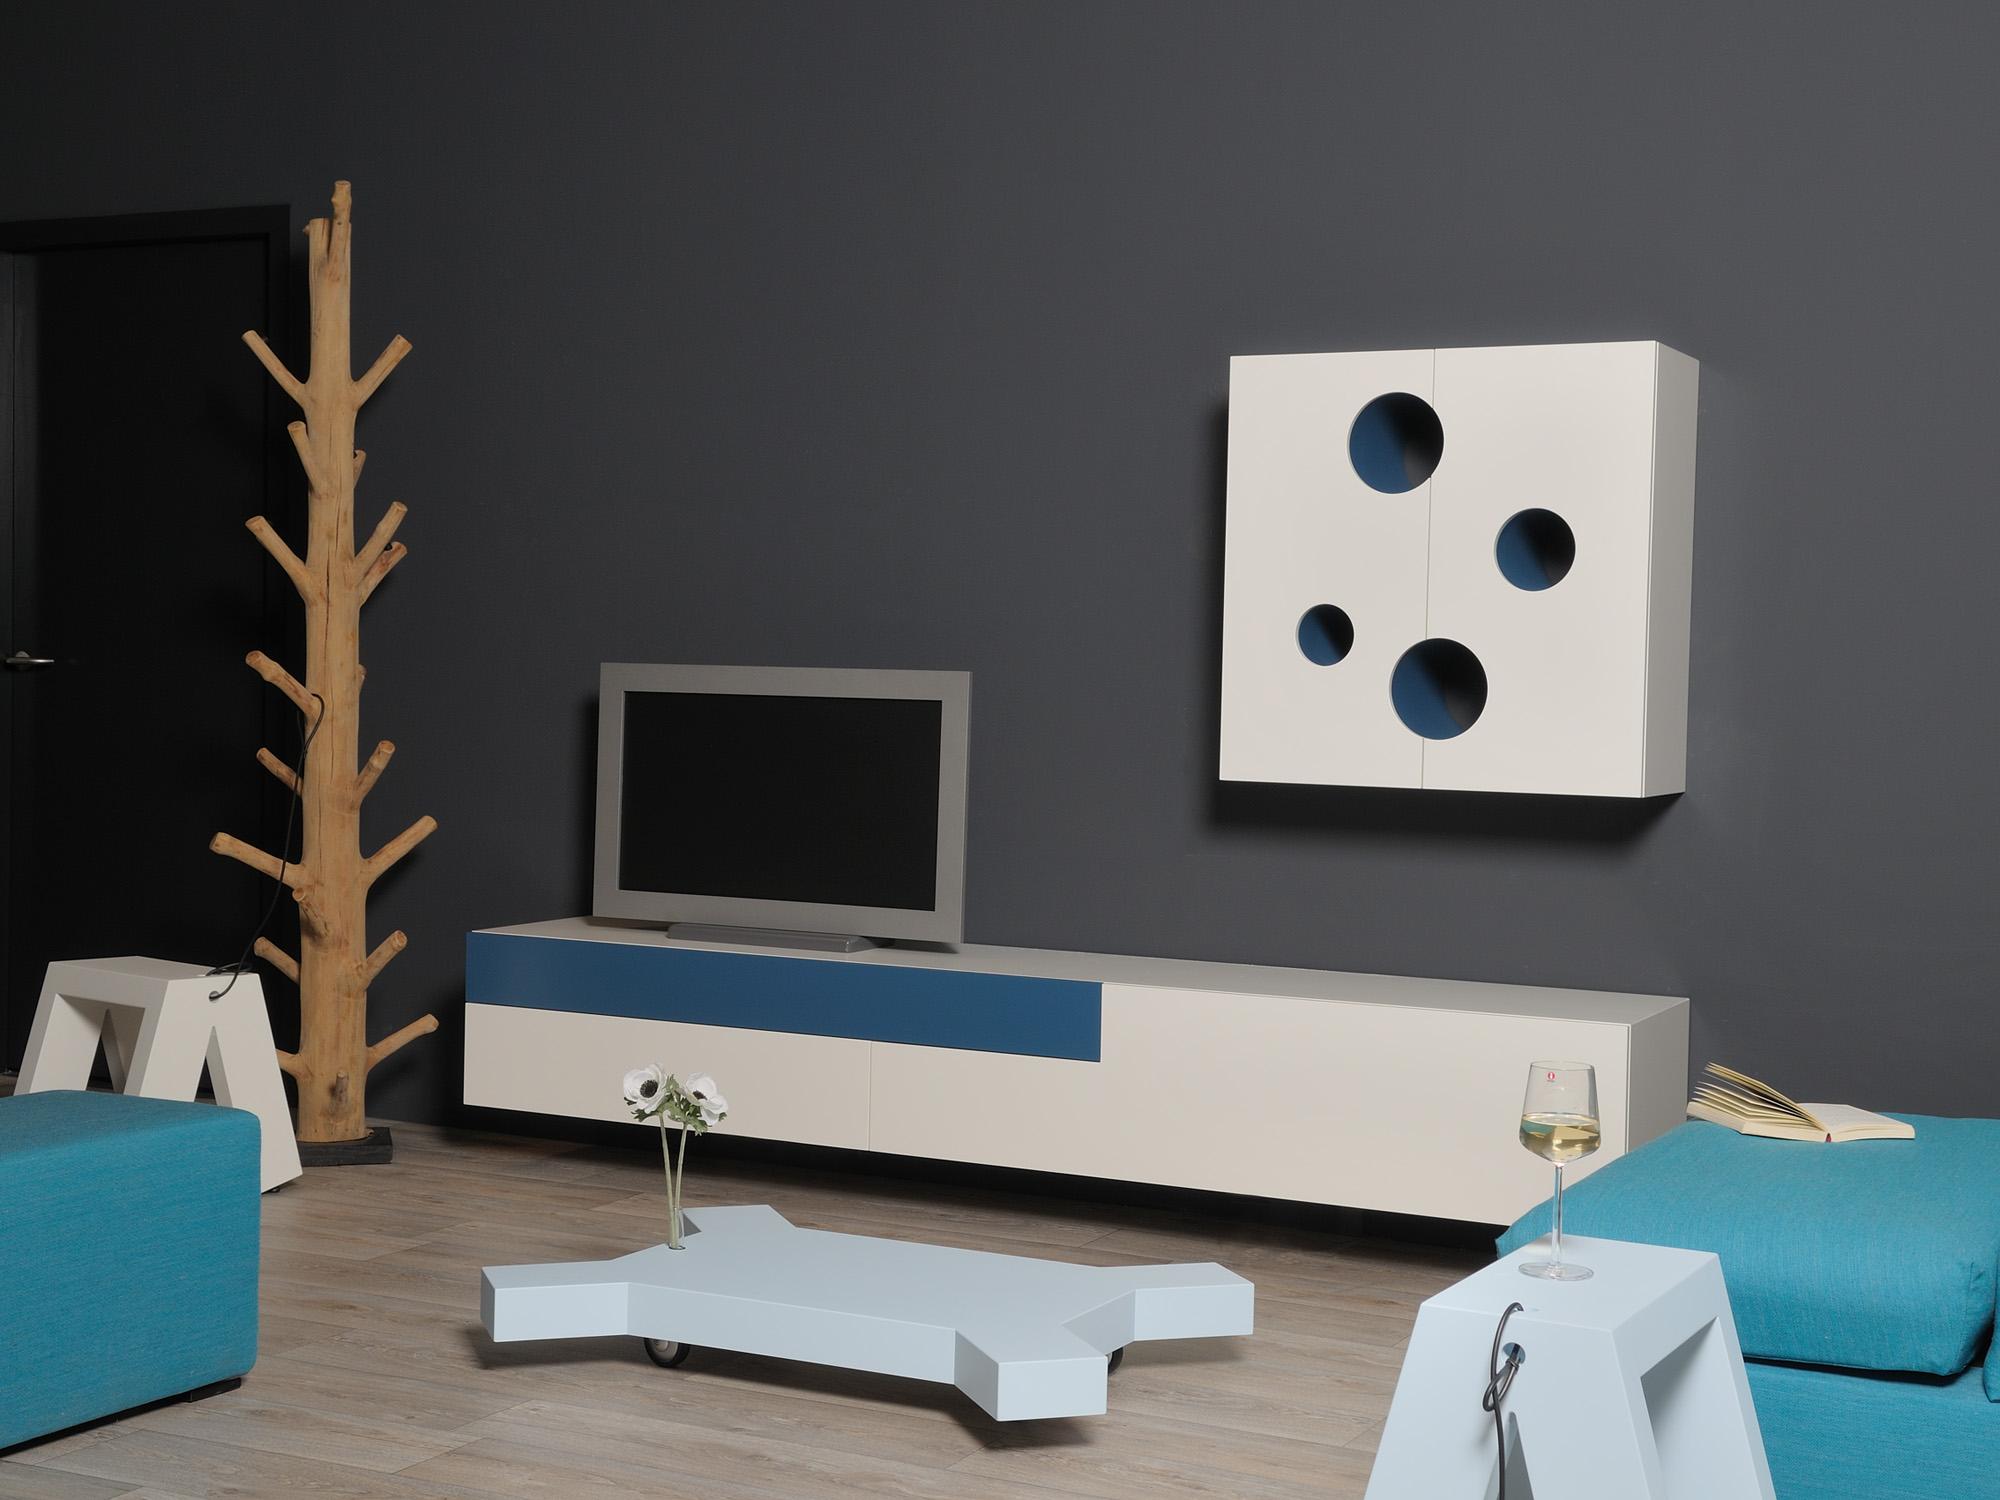 SOLO en KAAST, ontwerp door Castelijn Team